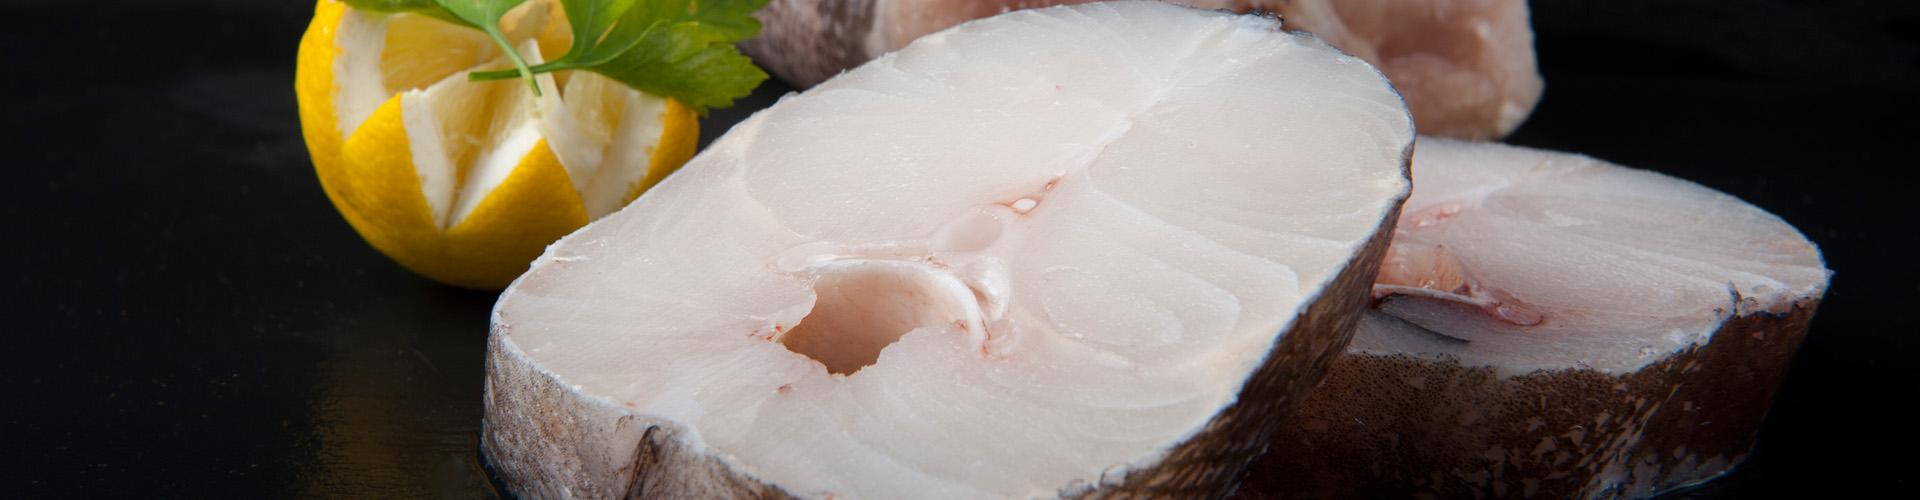 merluza-congelada